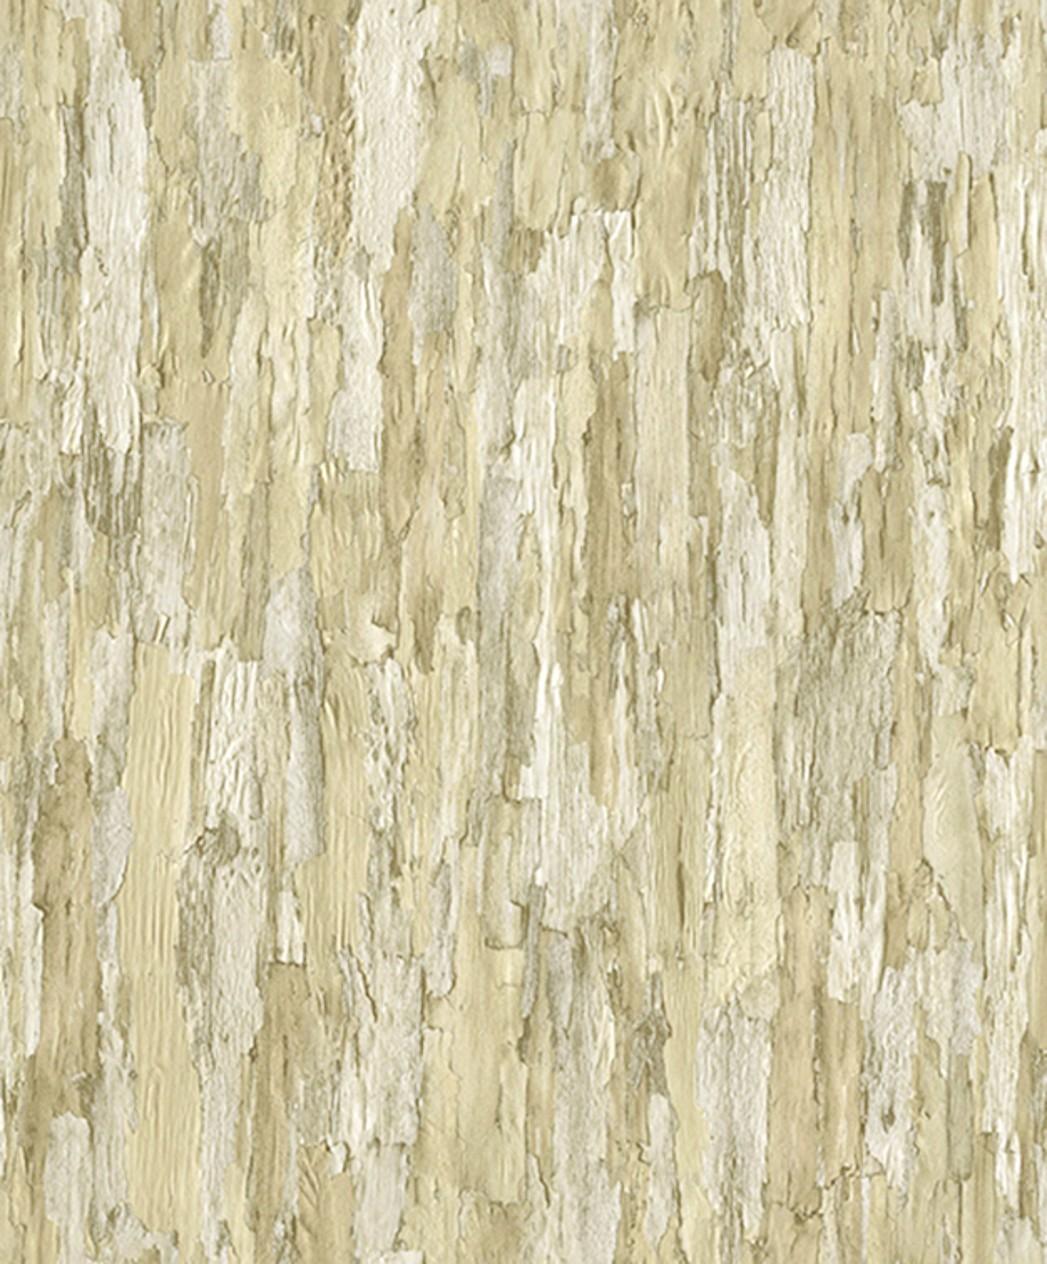 Tapety na zeď Vavex J271-07 | 0,53 x 10,05 m (Vinylová tapeta - béžová)